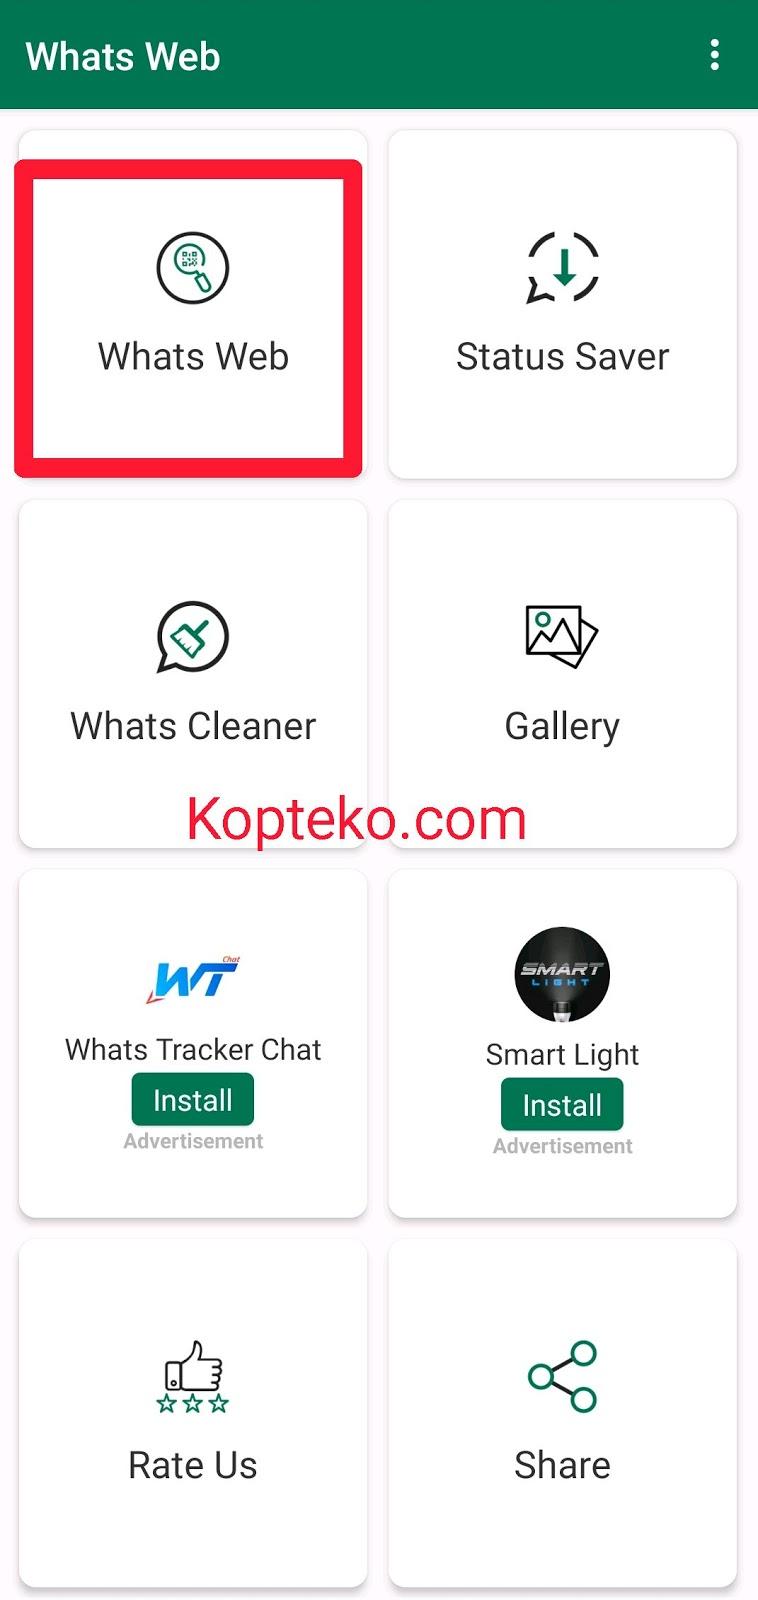 Cara Membuat Whatsapp 1 Nomor Untuk 2 Hp : membuat, whatsapp, nomor, untuk, Membuat, Whatsapp, Nomor, Untuk, Kopteko.com